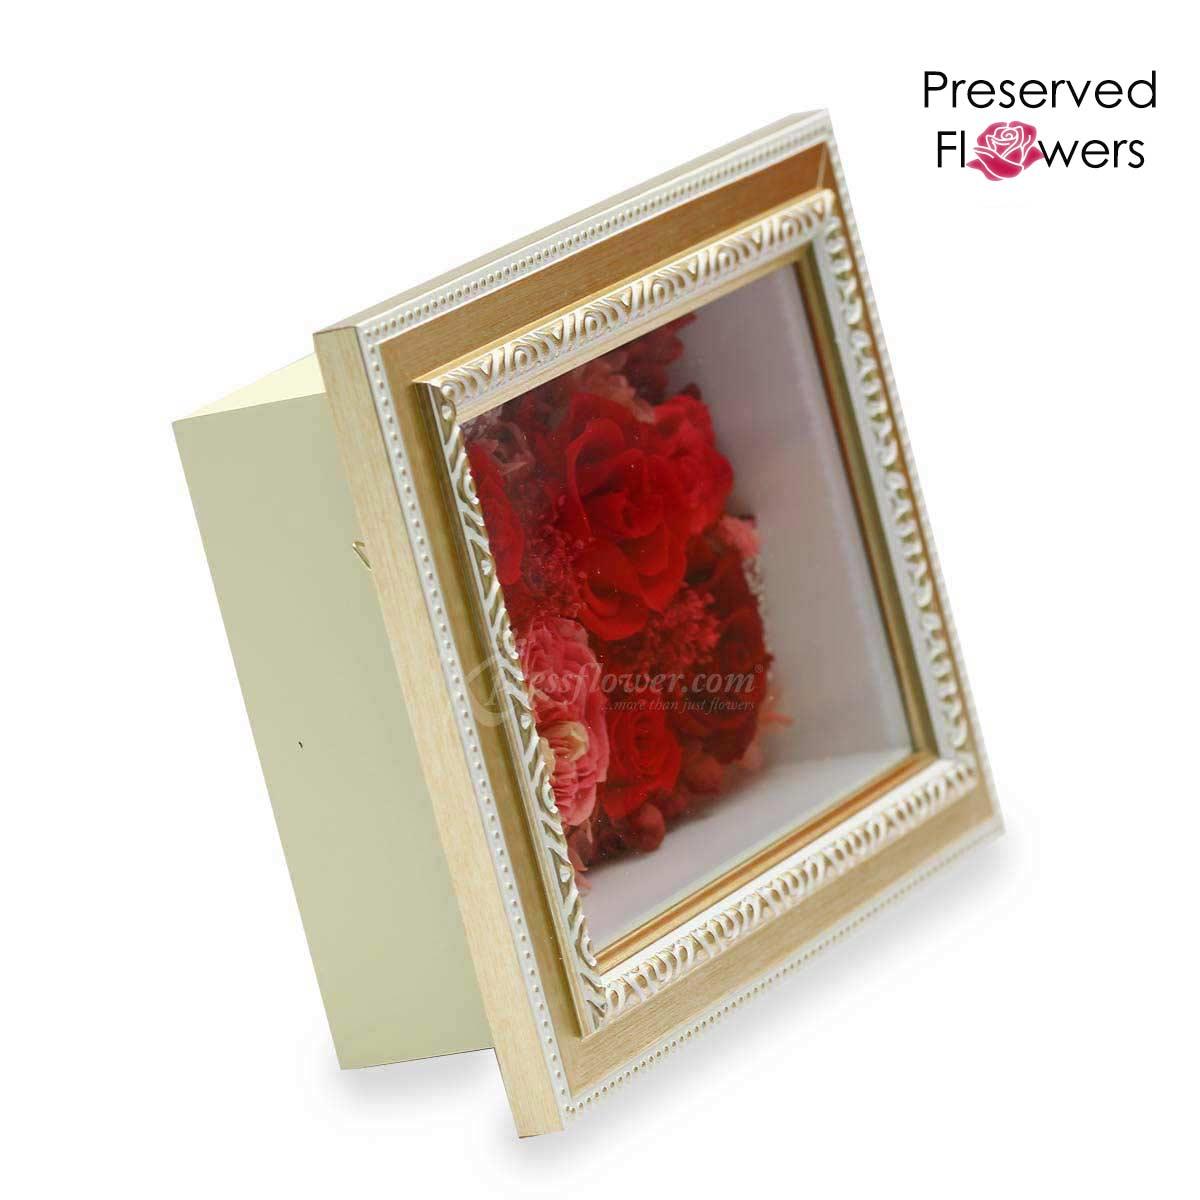 PR1903 Unwavering Hearts Preserved flower